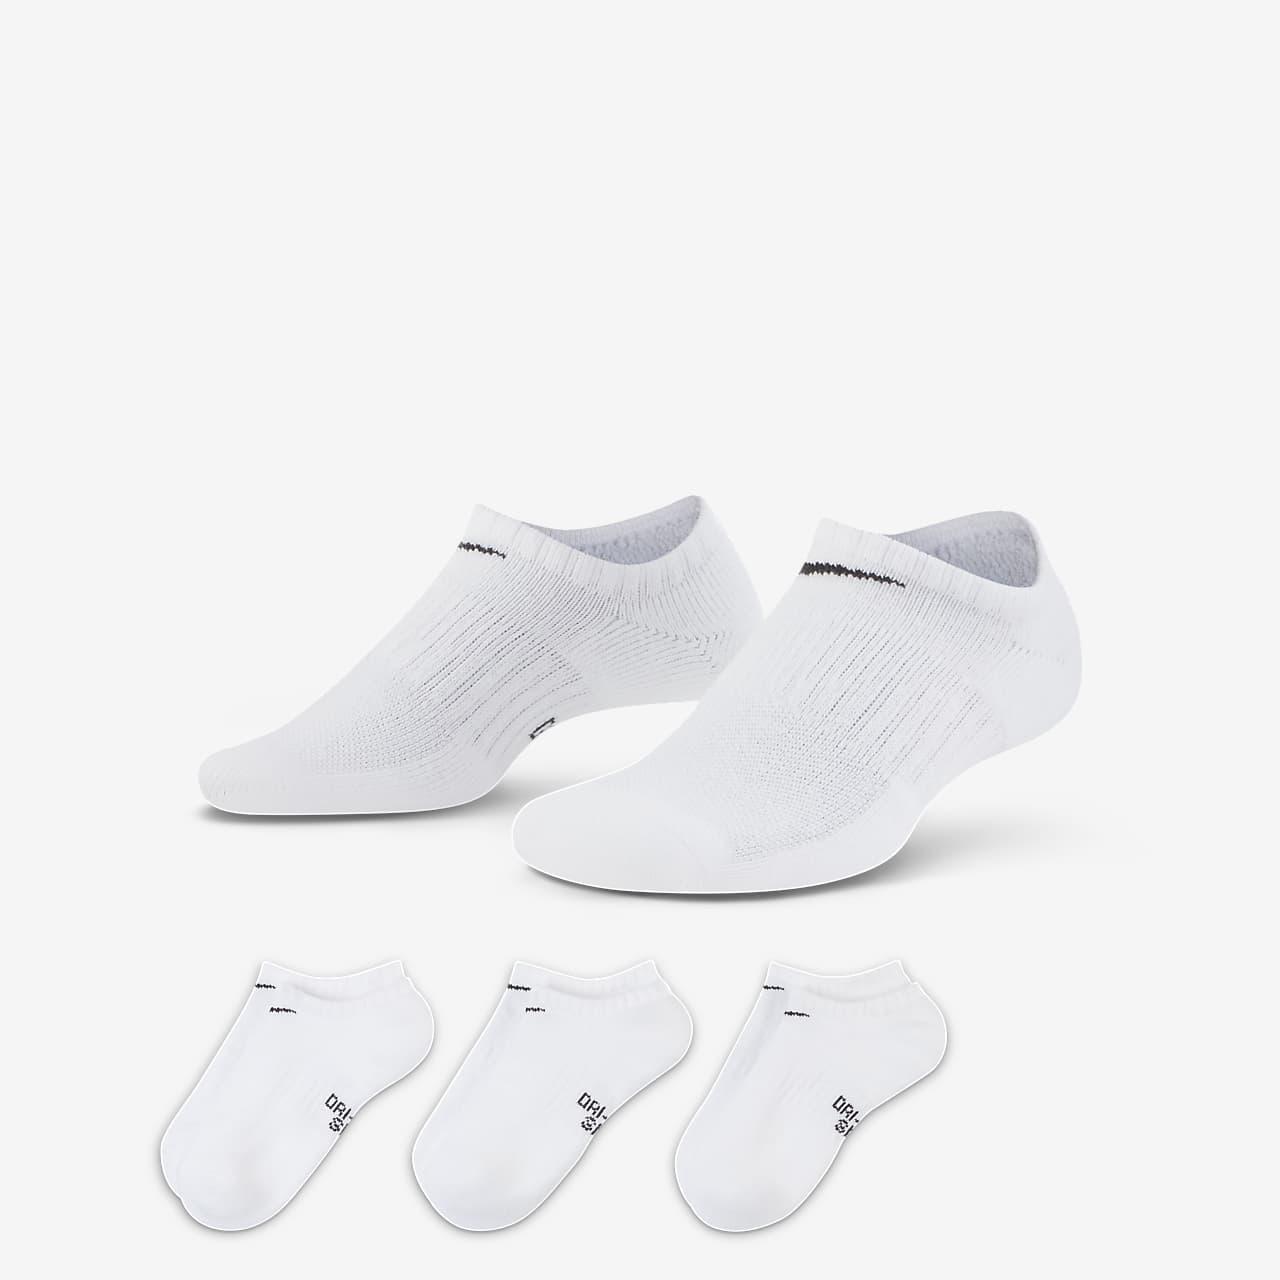 Calze da training Nike Performance Cushioned No-Show - Bambini (3 paia)